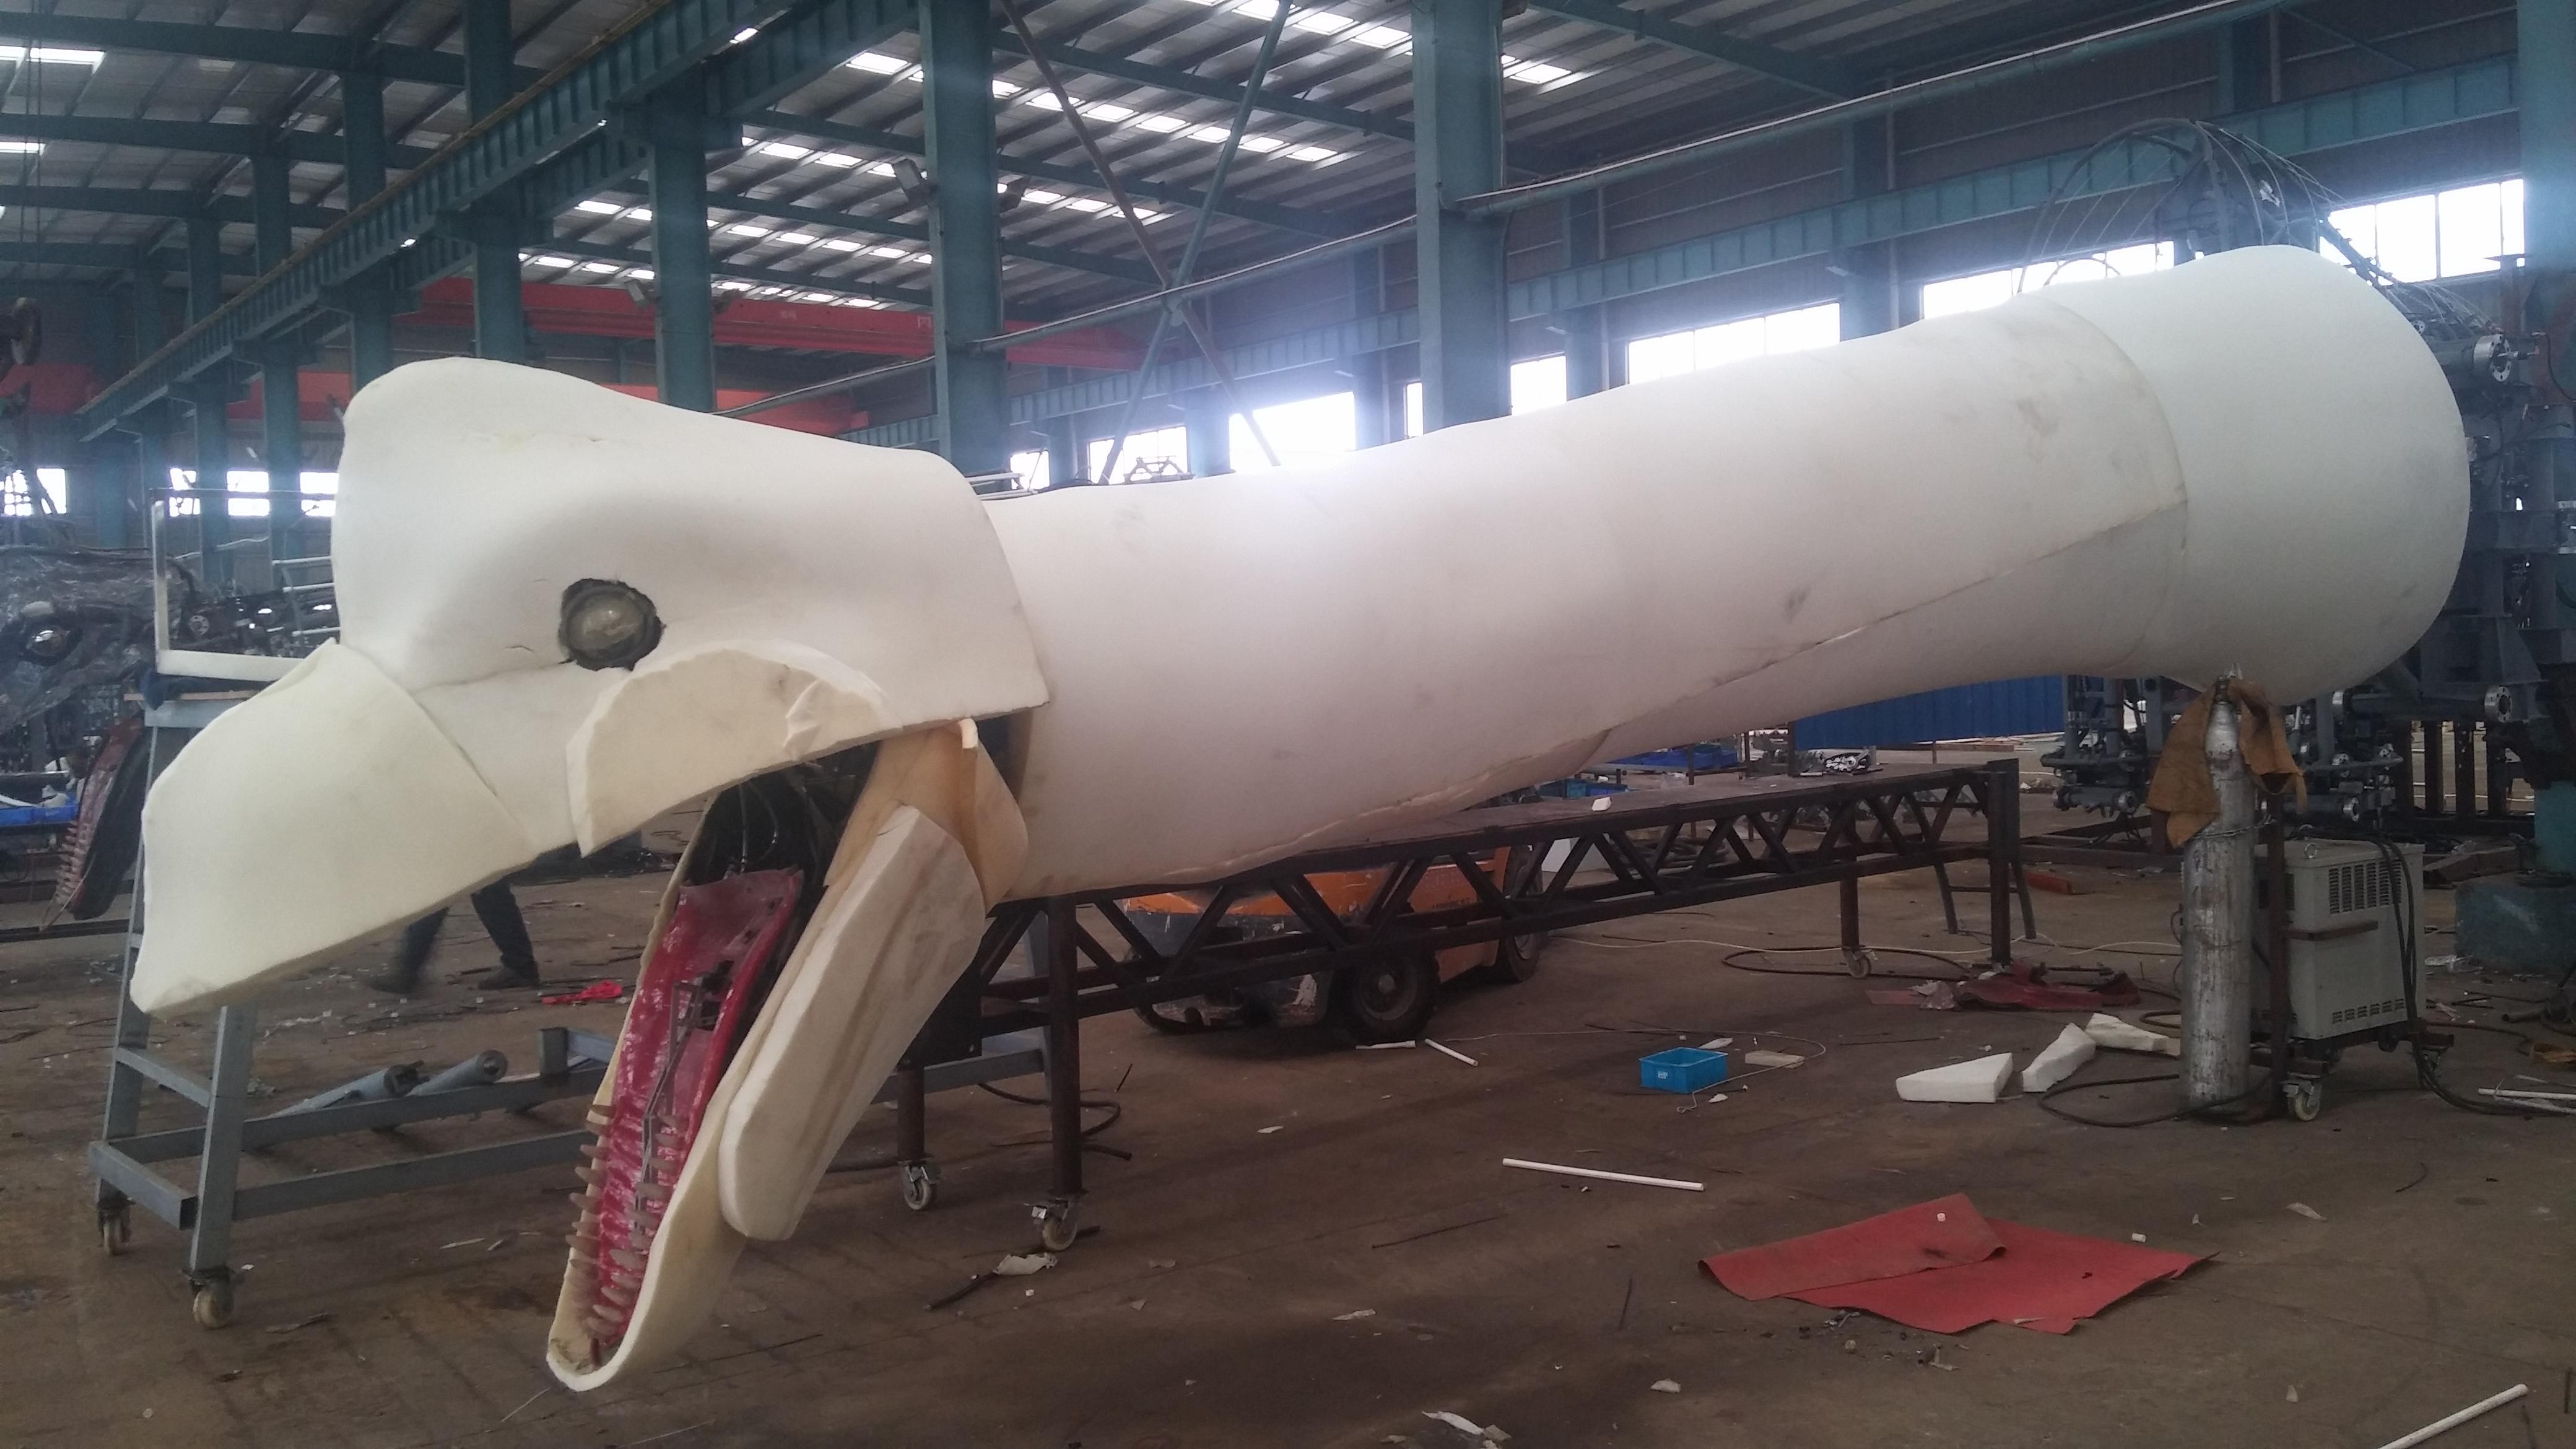 Ρομποτικός δεινόσαυρος υπό κατασκευή